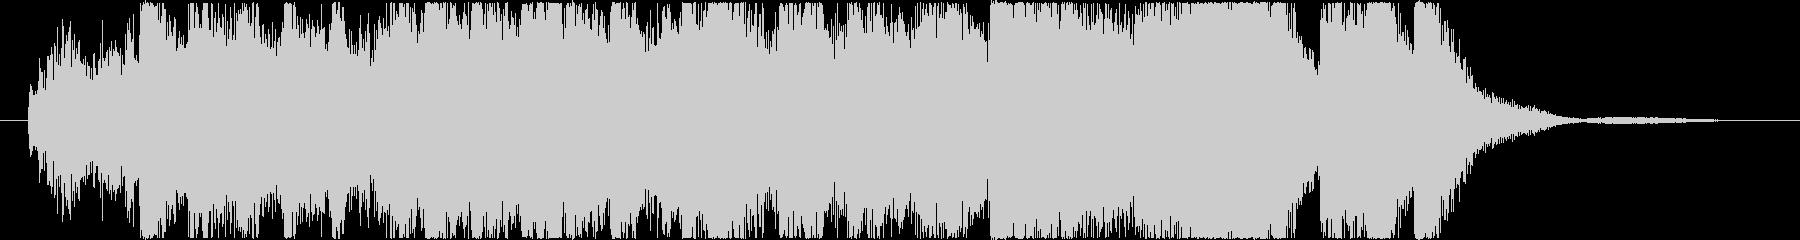 イベントオープニングジングル_ショート1の未再生の波形